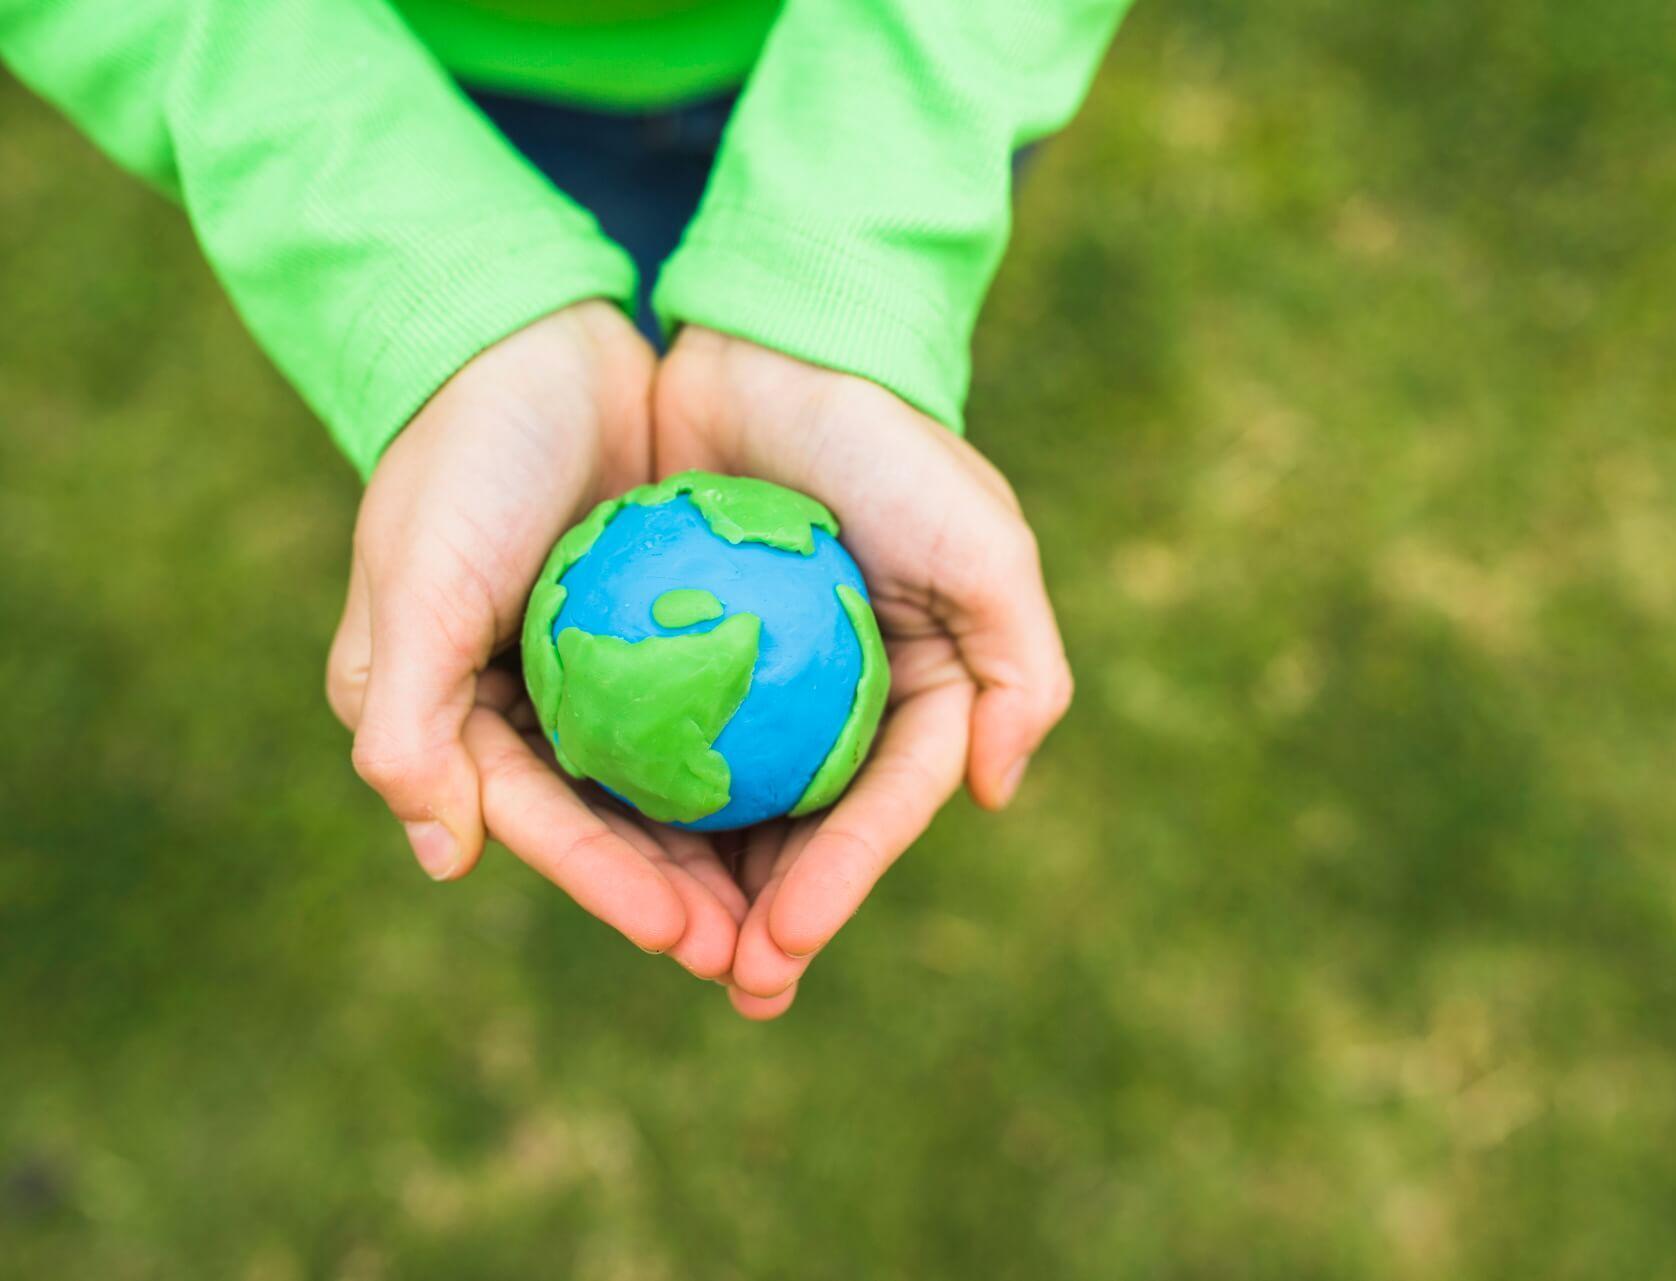 100 тысяч голосов набрала инициатива за переход на «ноль отходов»